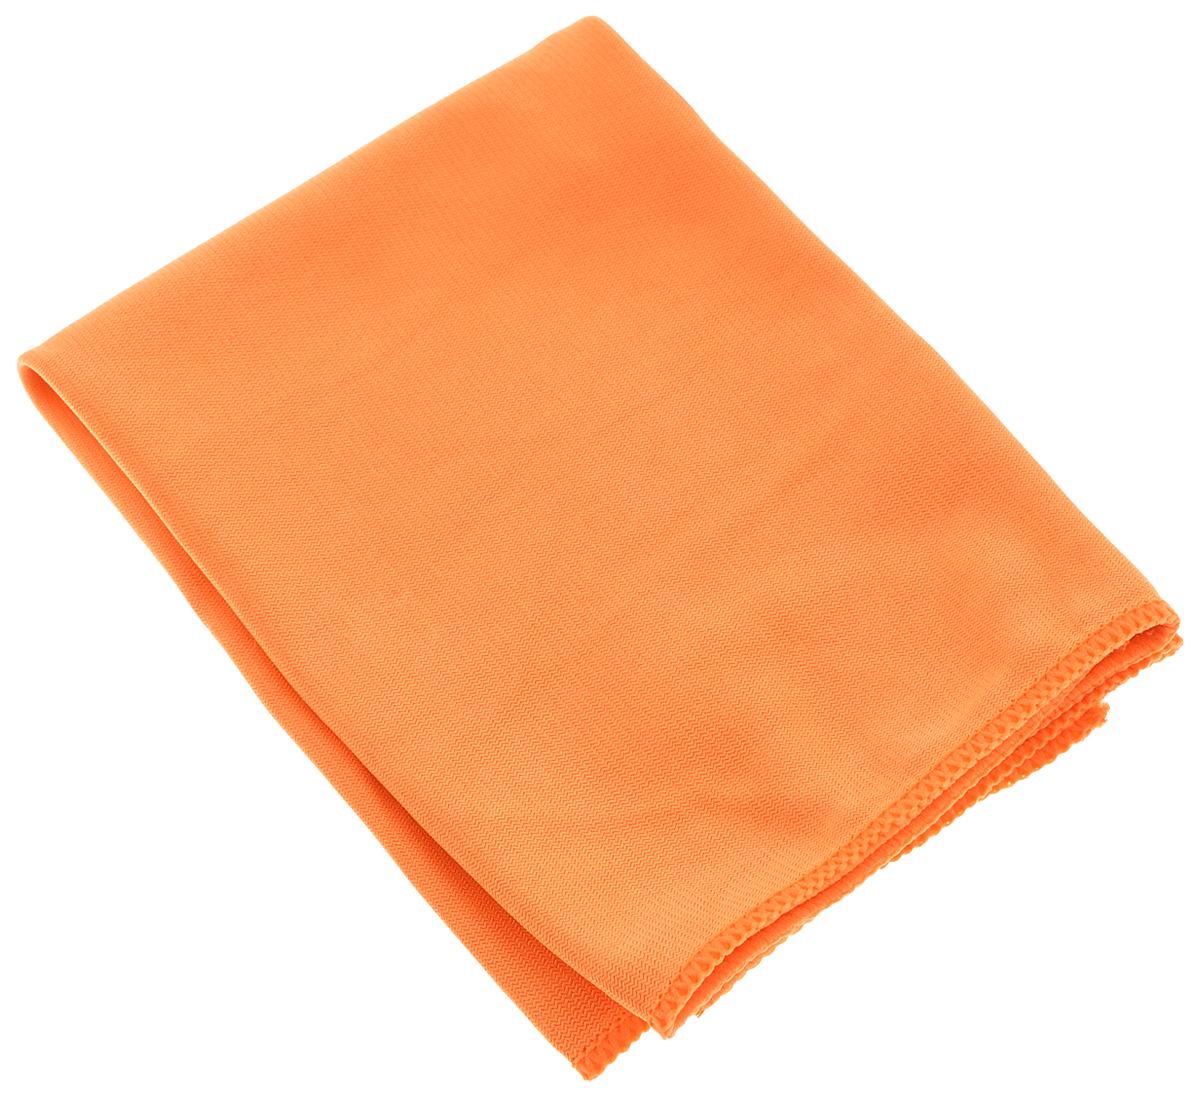 Салфетка Rexxon, для стекол автомобиля, цвет: оранжевый, 35 х 35 см2-6-1-1-2_35х35Салфетка Rexxon выполнена из высококачественной микрофибры. Благодаря своей структуре она эффективно удаляет со стекол грязь, следы засохших насекомых. Микрофибровое полотно удаляет грязь с поверхности намного эффективнее, быстрее и значительно более бережно в сравнении с обычной тканью, что существенно снижает время на проведение уборки, поскольку отсутствует необходимость протирать одно и то же место дважды. Использовать салфетку можно для чистки как наружных, так и внутренних стеклянных поверхностей автомобиля. Микрофибра устойчива к истиранию, ее можно быстро вернуть к первоначальному виду с помощью ручной стирки при температуре 60°С. Приобретая микрофибровые изделия для чистки автомобиля, каждый владелец сможет обеспечить достойный уход за любимым транспортным средством. Состав: 80% полиэстер, 20% полиамид.